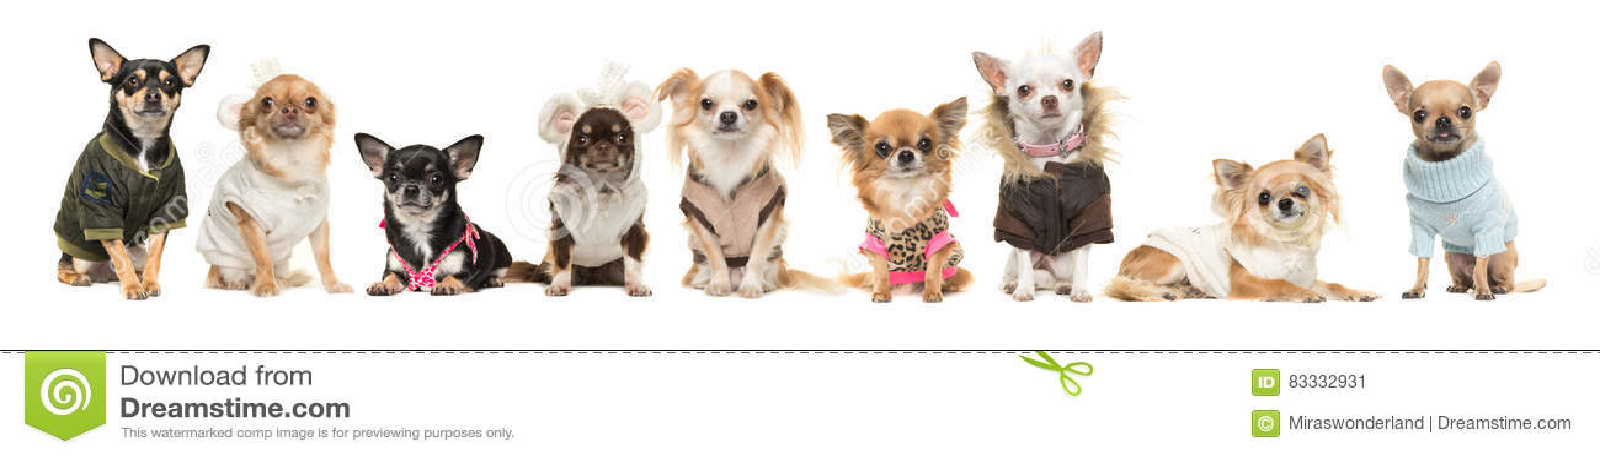 穿衣裳的小组九条奇瓦瓦狗狗隔绝在白色